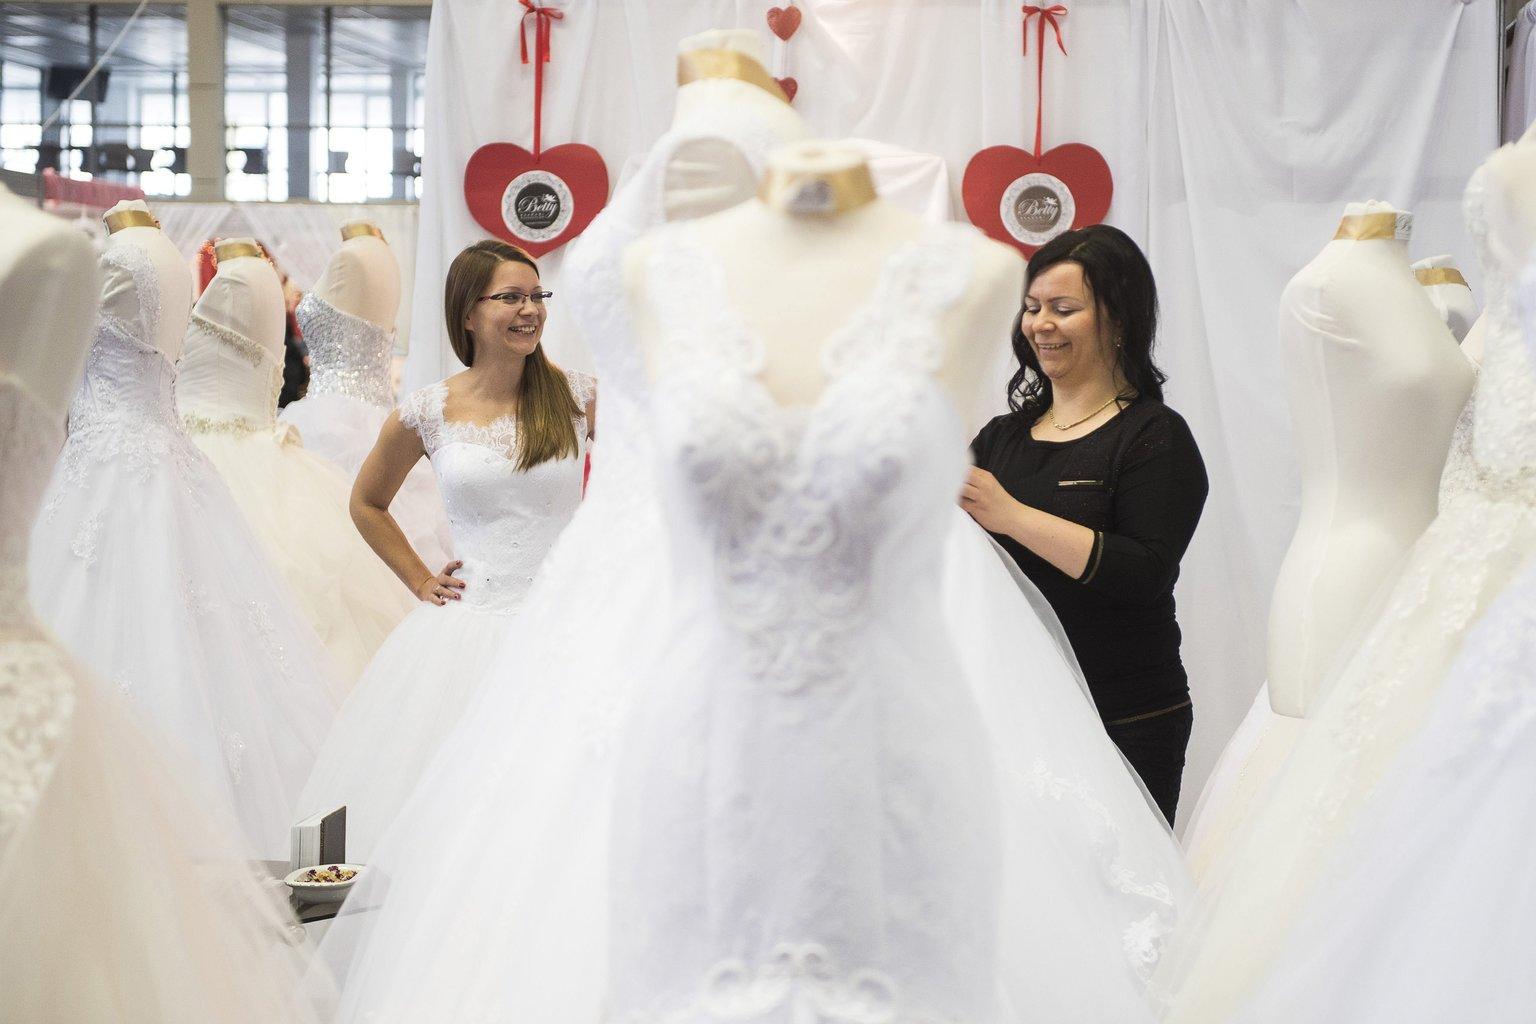 női keres házasság franciaországban)